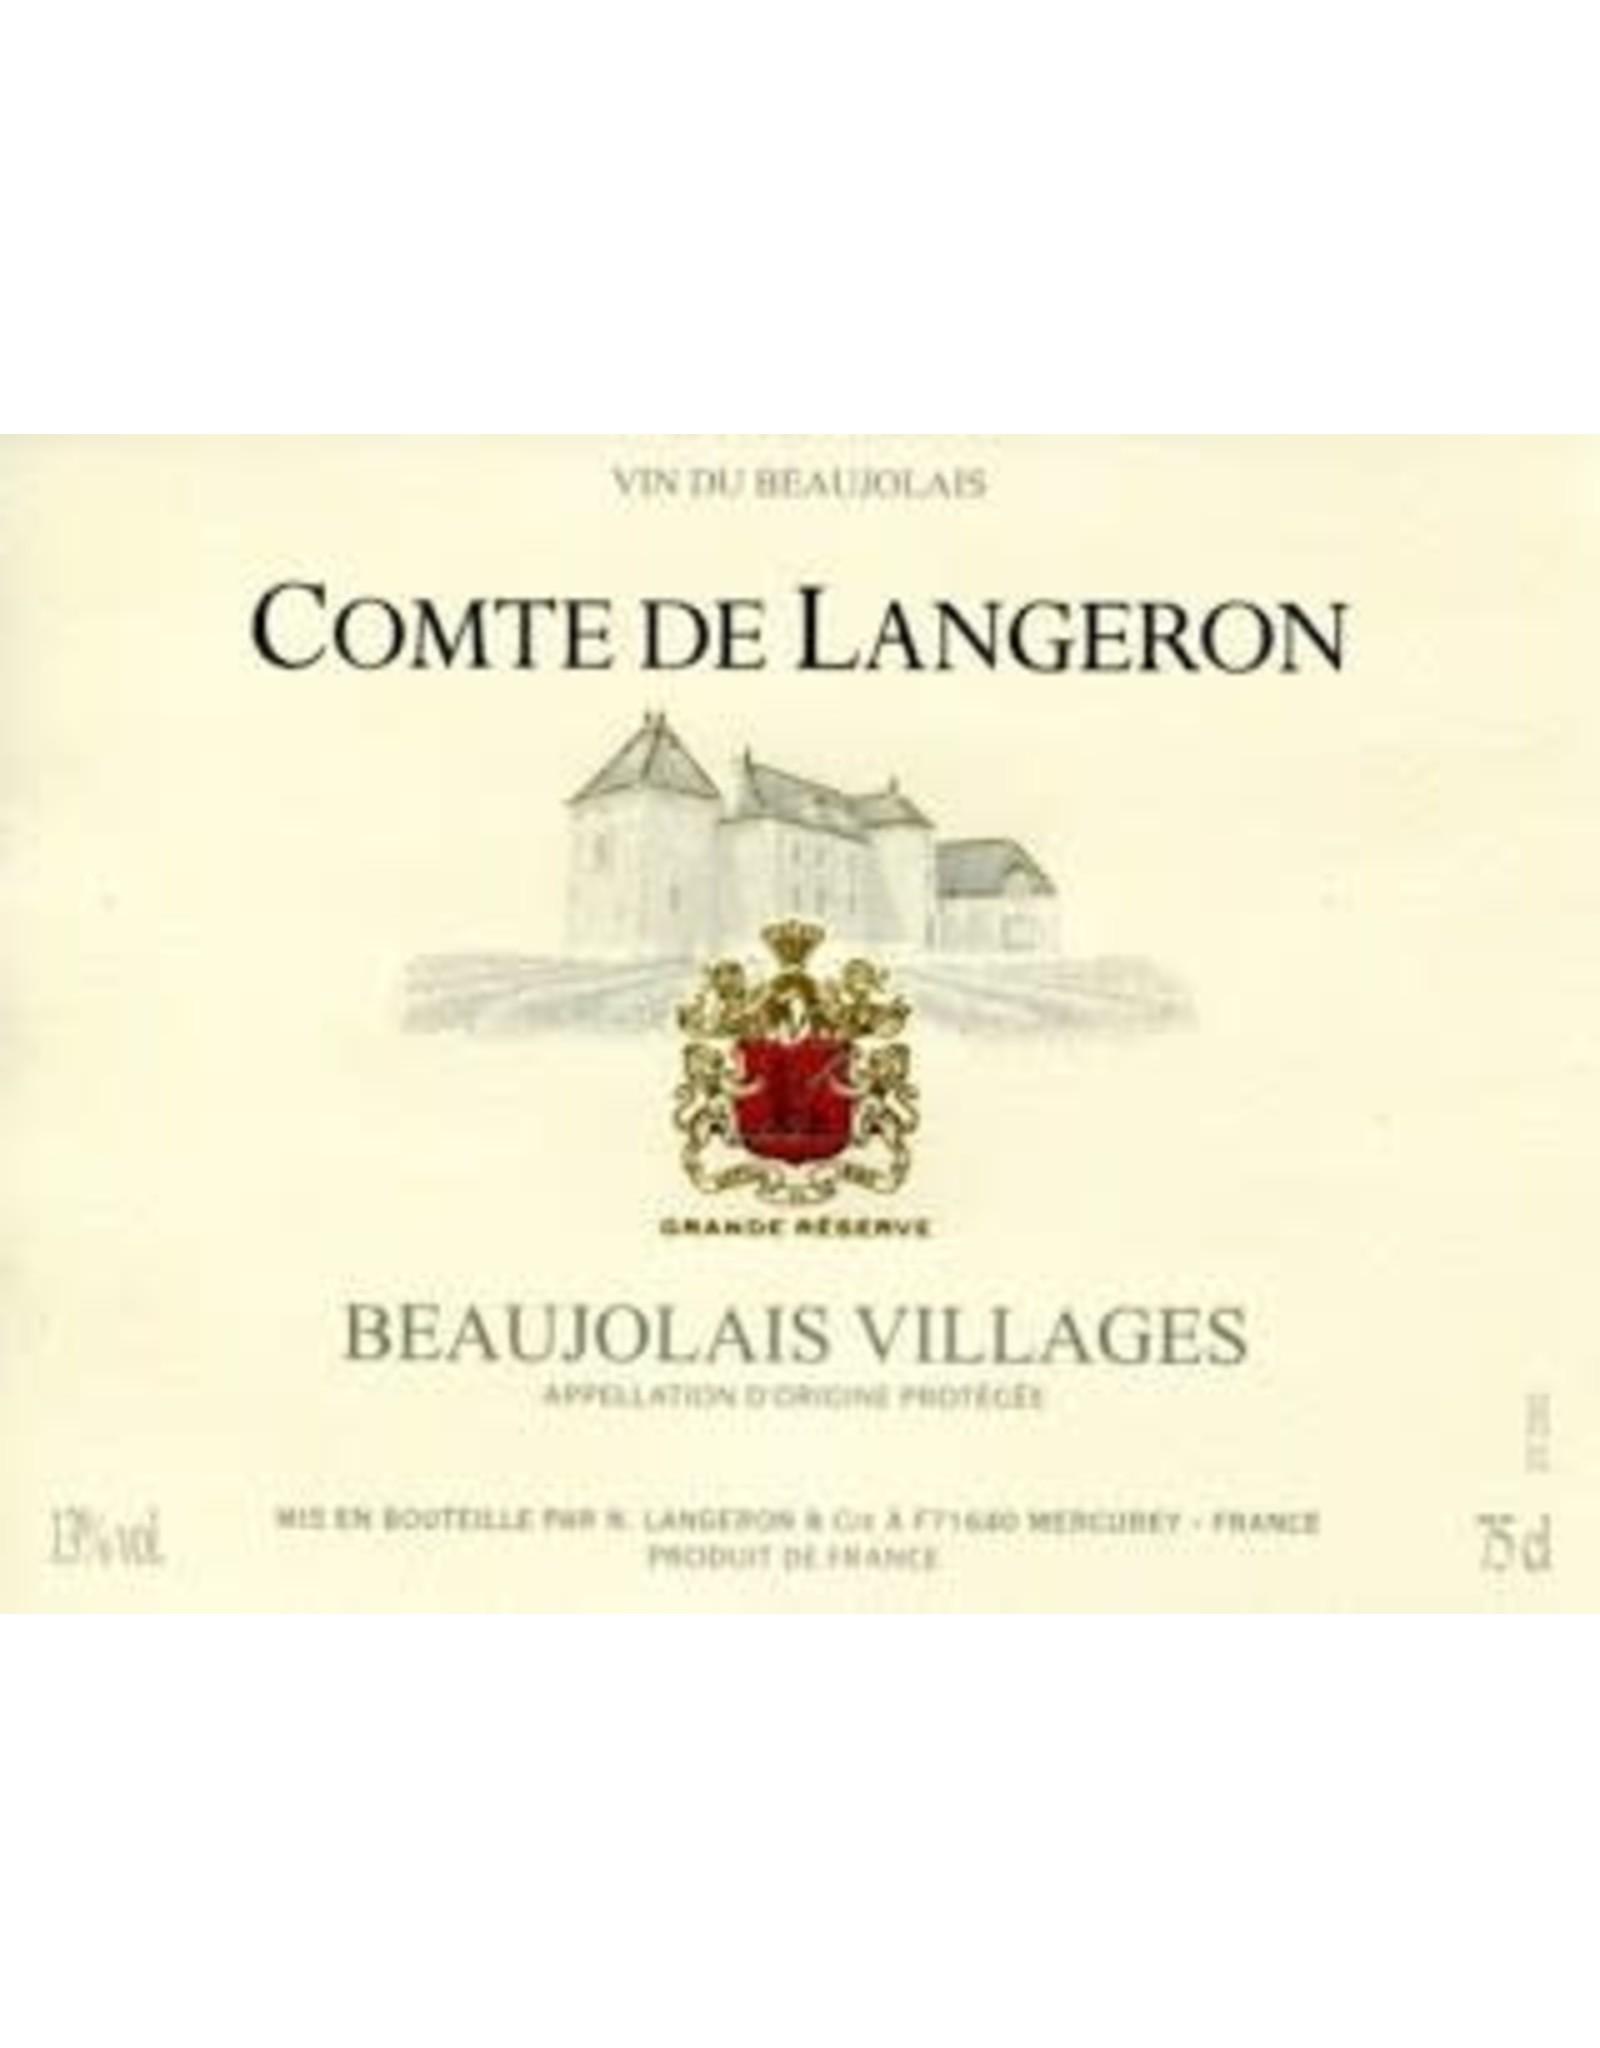 COMTE DE LANGERON BEAUJOLAIS 750ML 2016